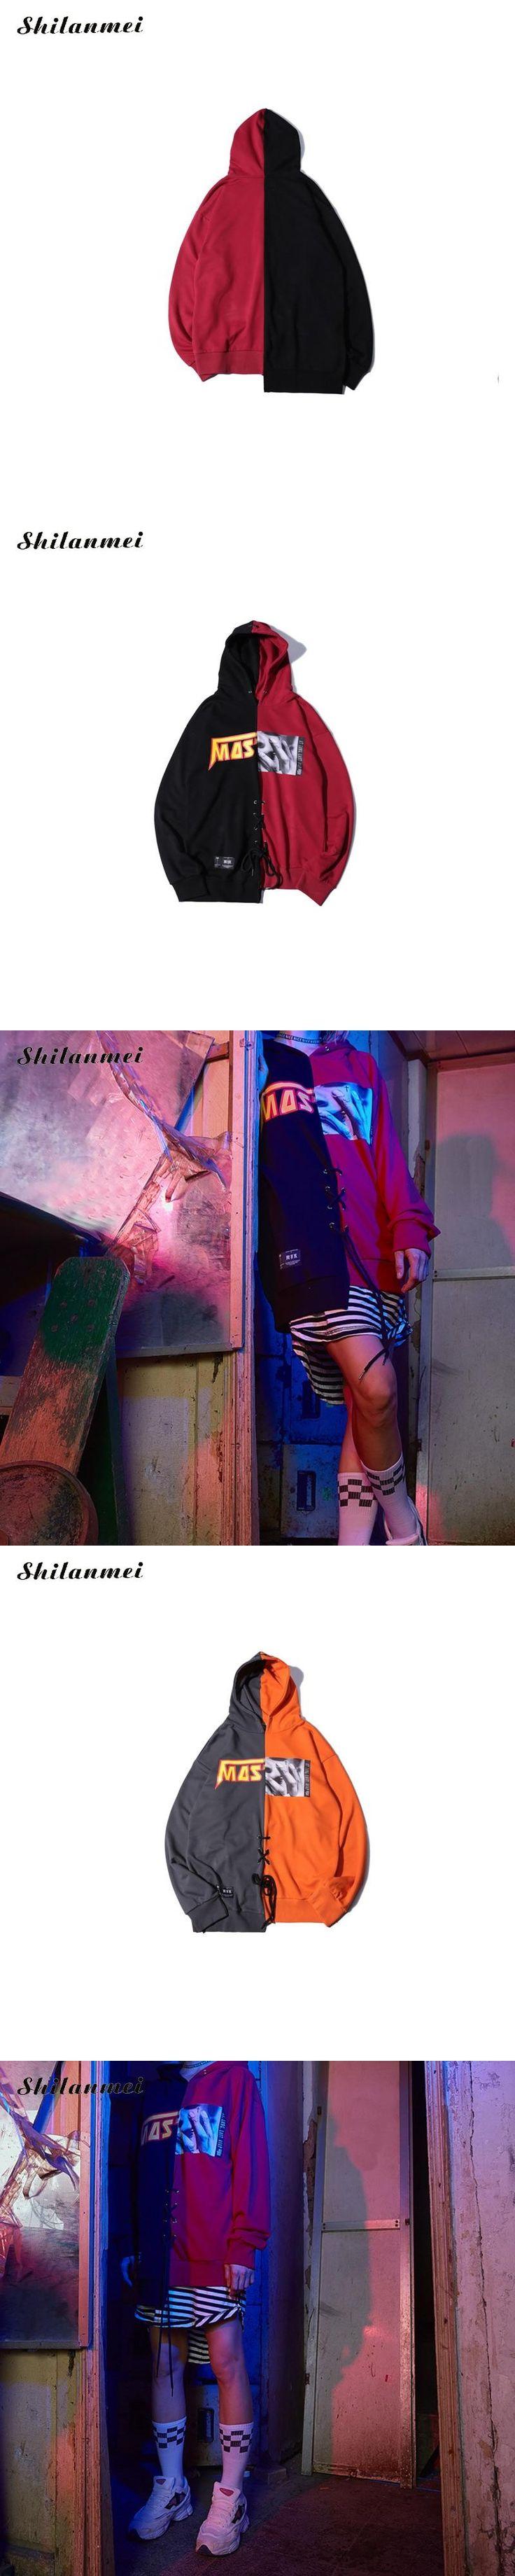 Hoodies Sudadera Stranger Things Fashion Skateboard Streetwear Sweatshirt Polerones Mujer Men Lace-Up Hip Hop Hoodie Sweat Homme